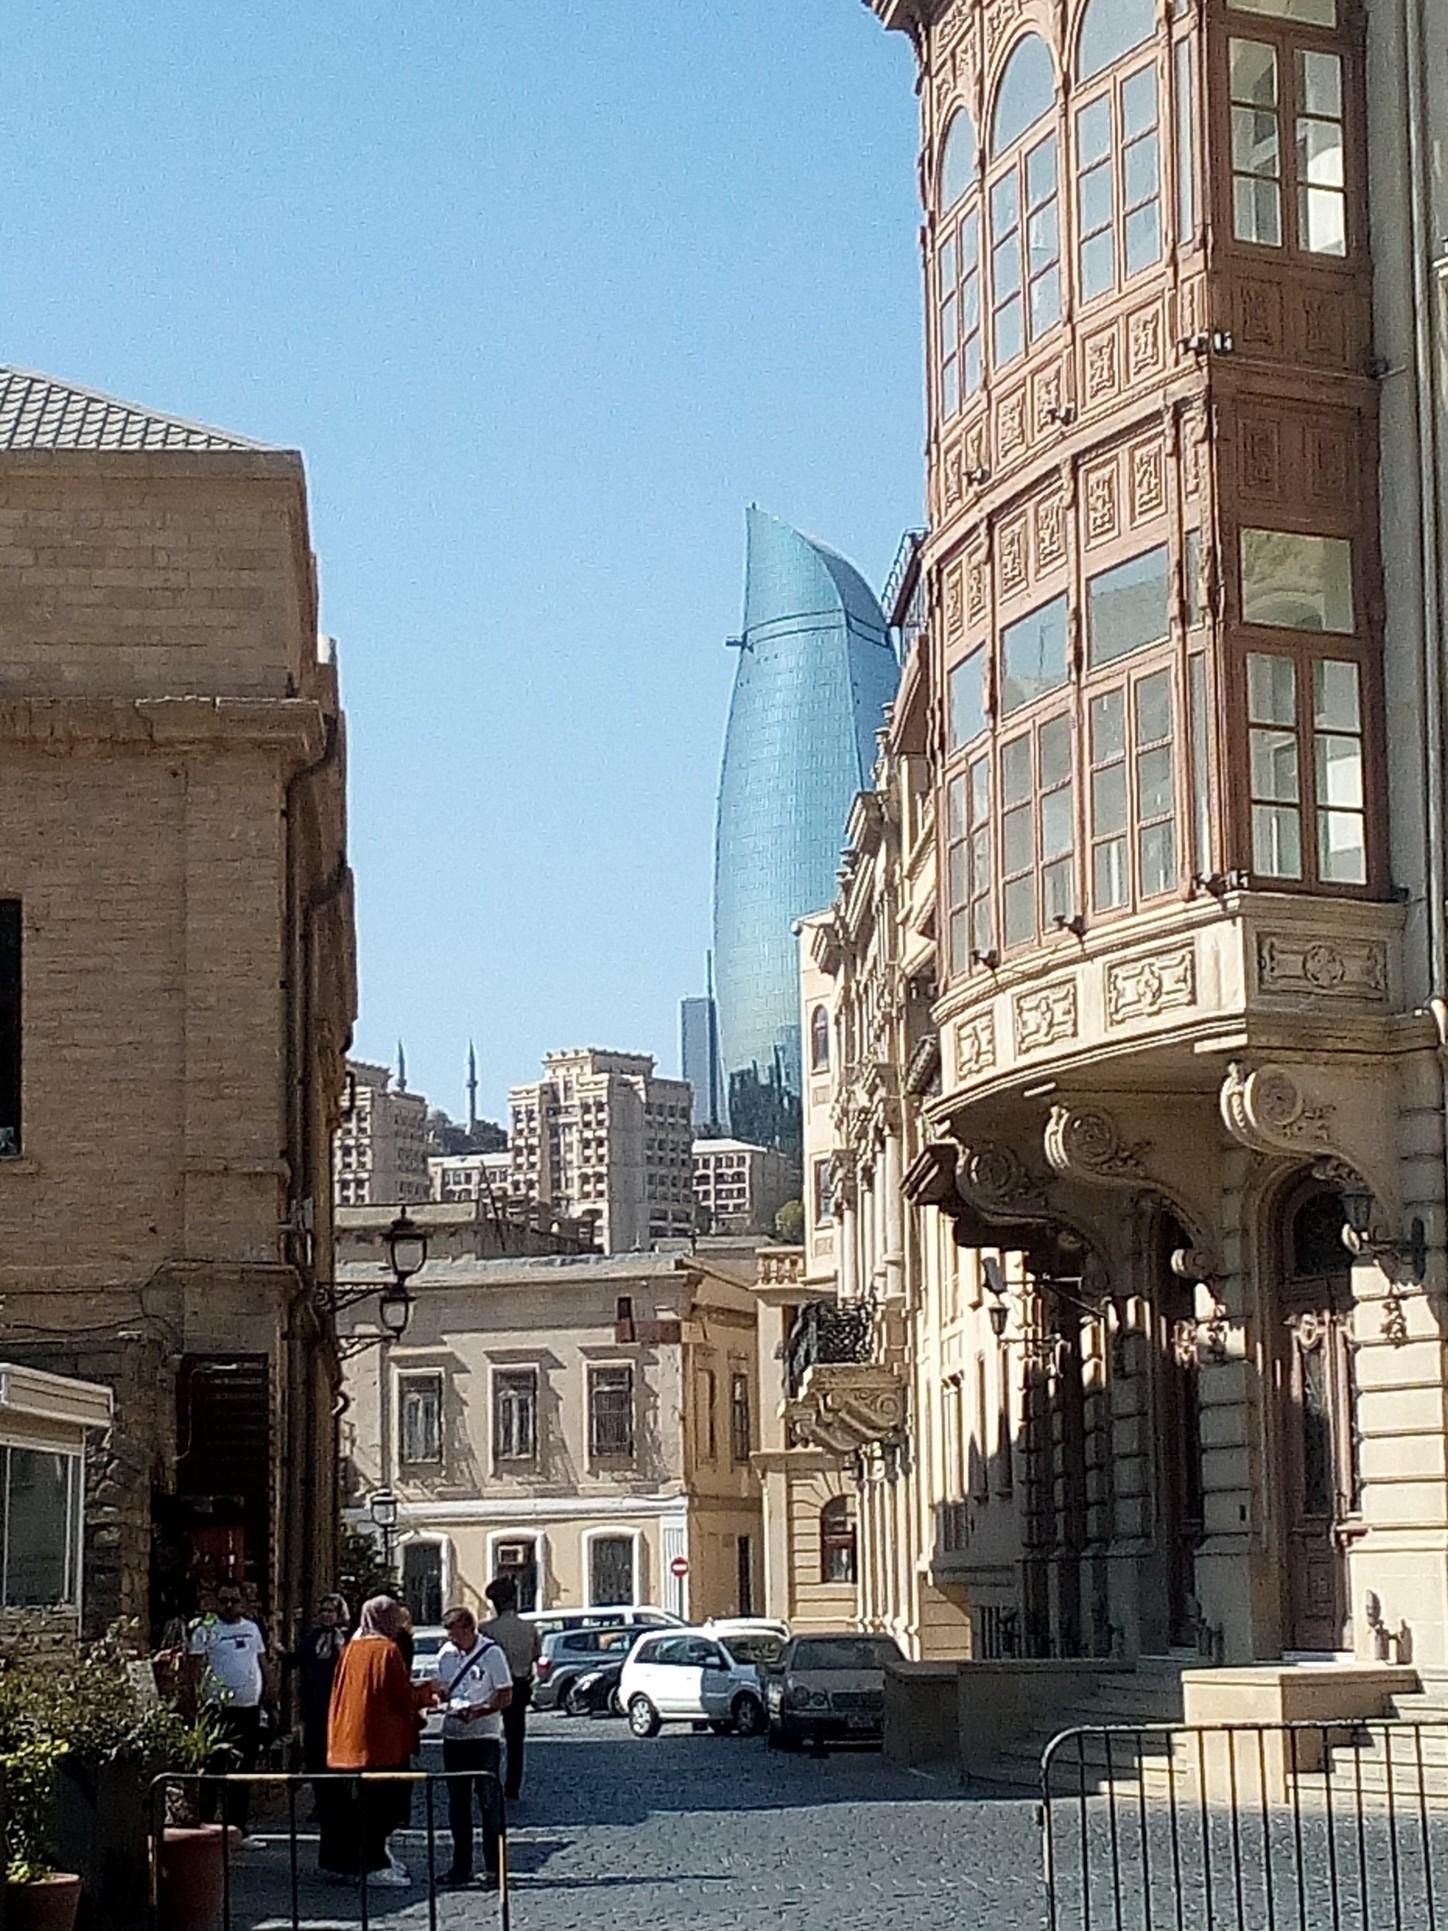 visibles de tous les coins de la ville